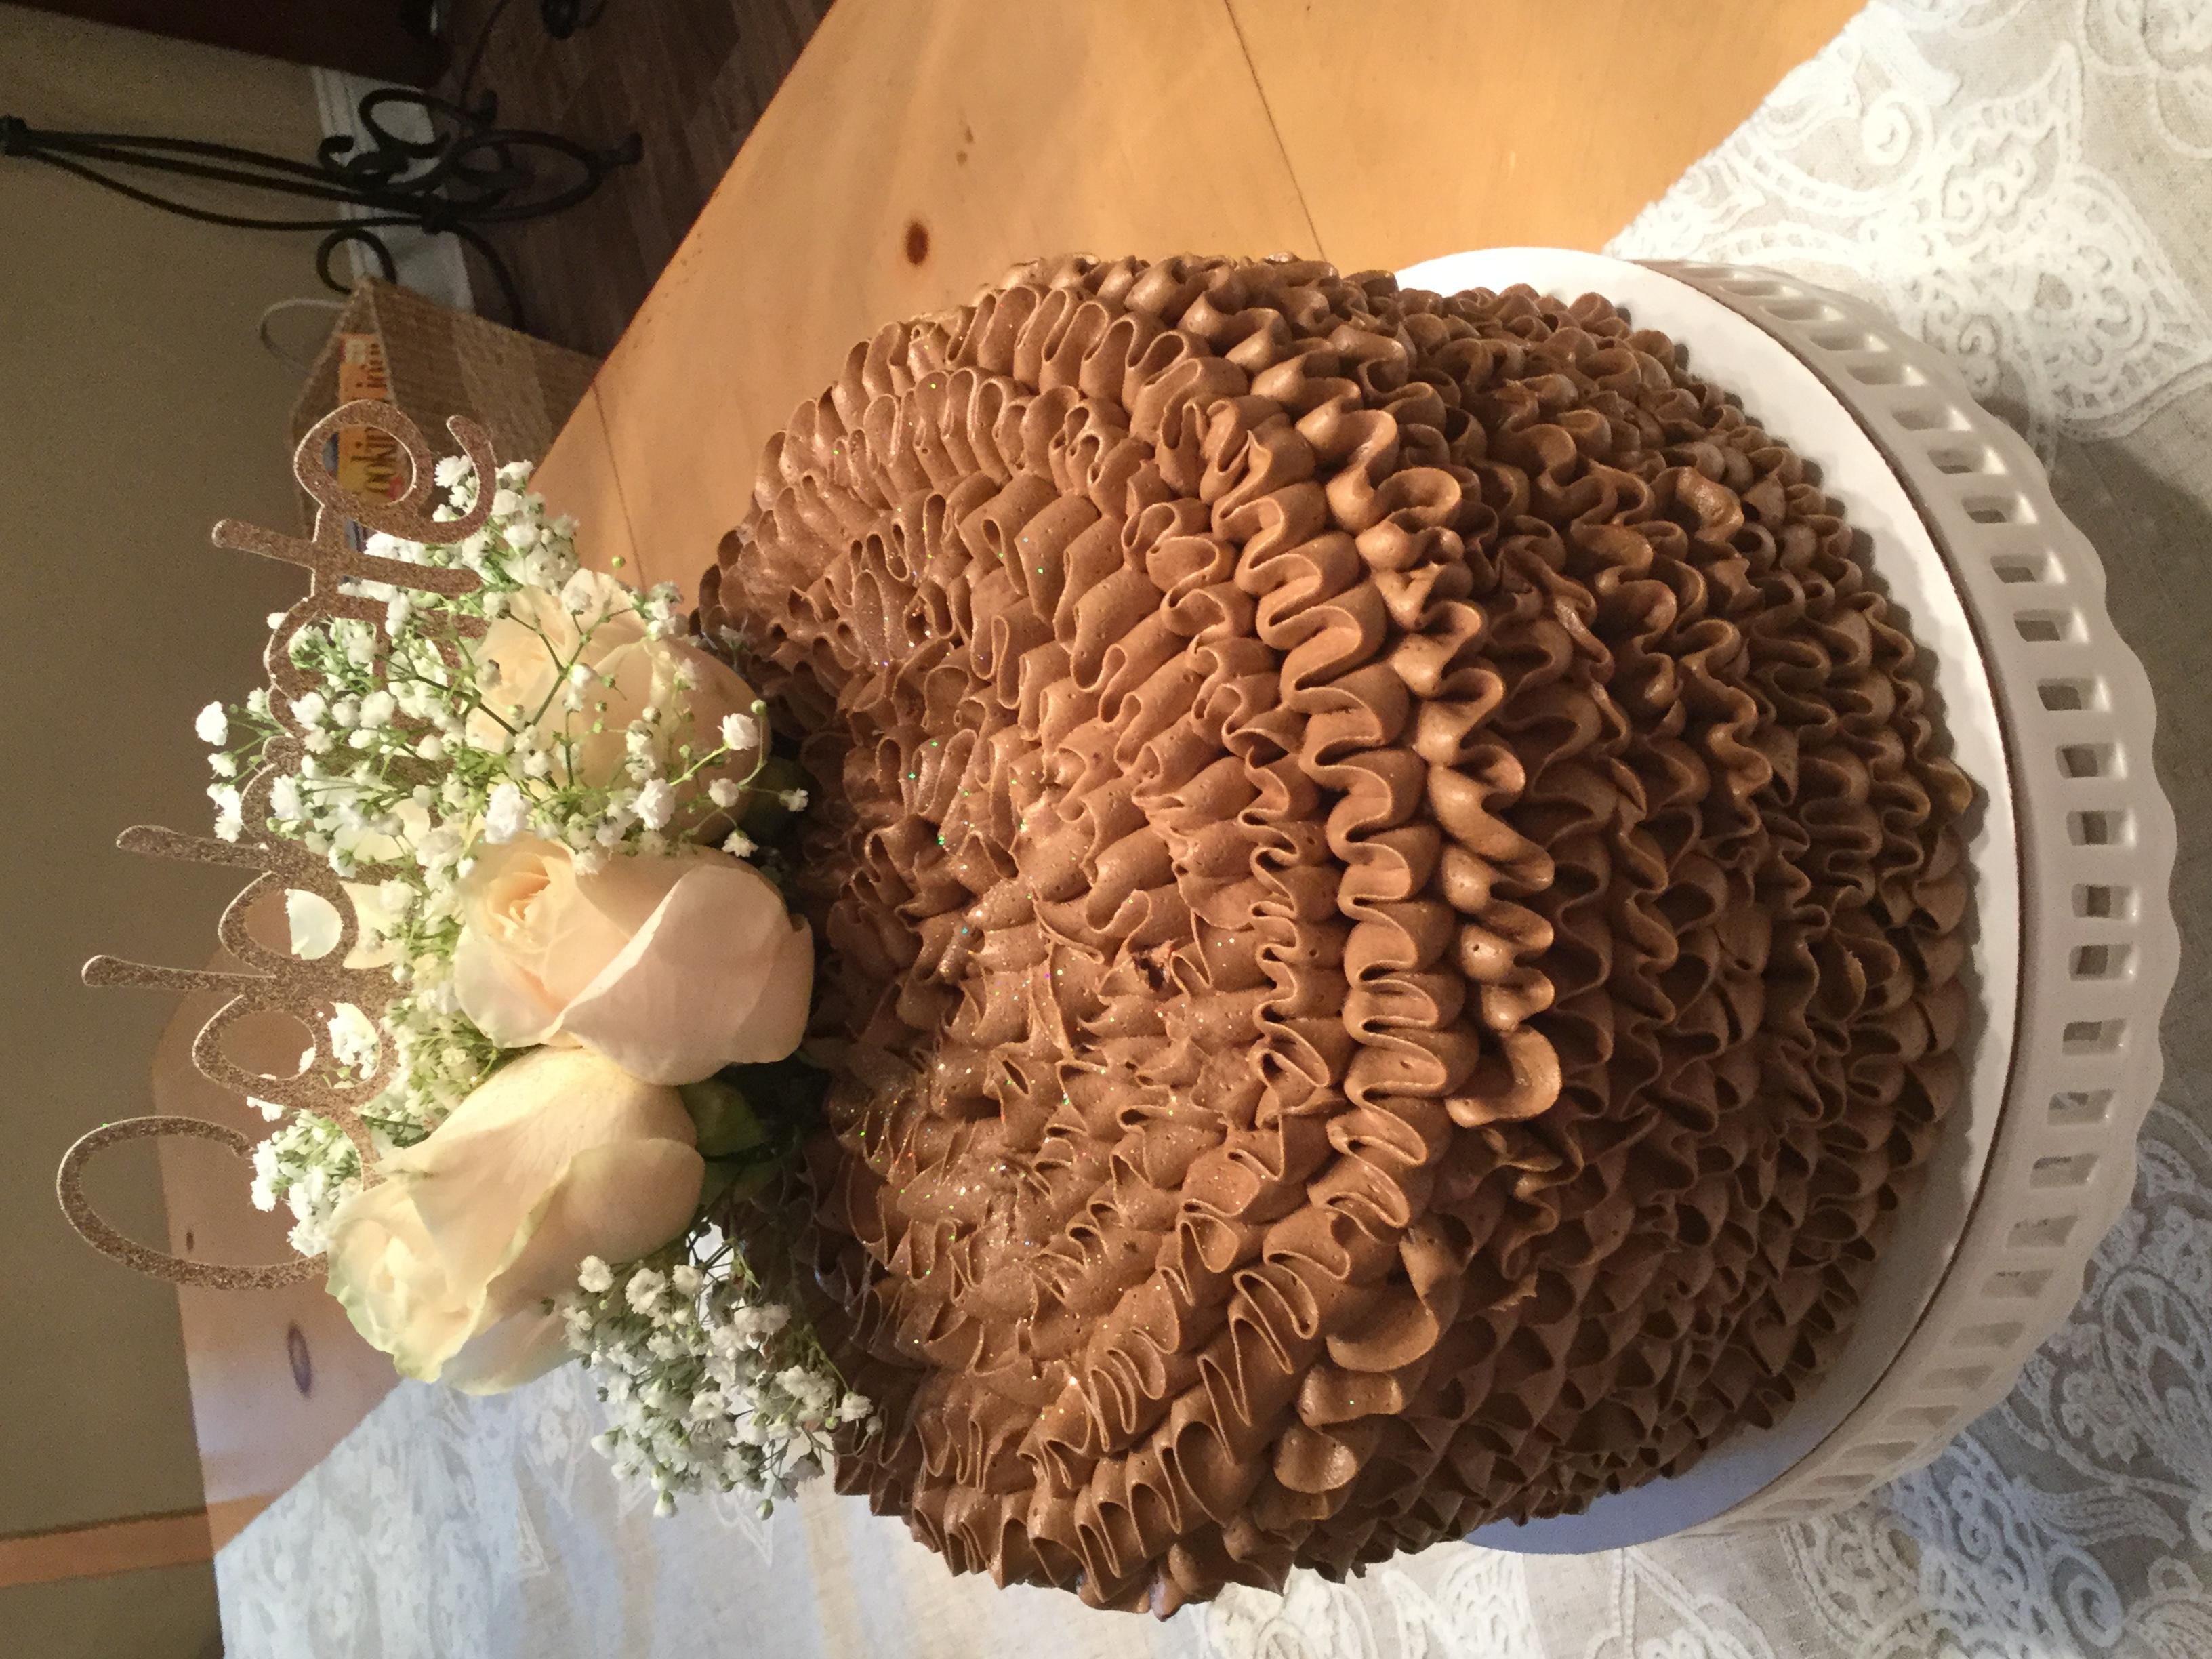 Chocolate & ruffles